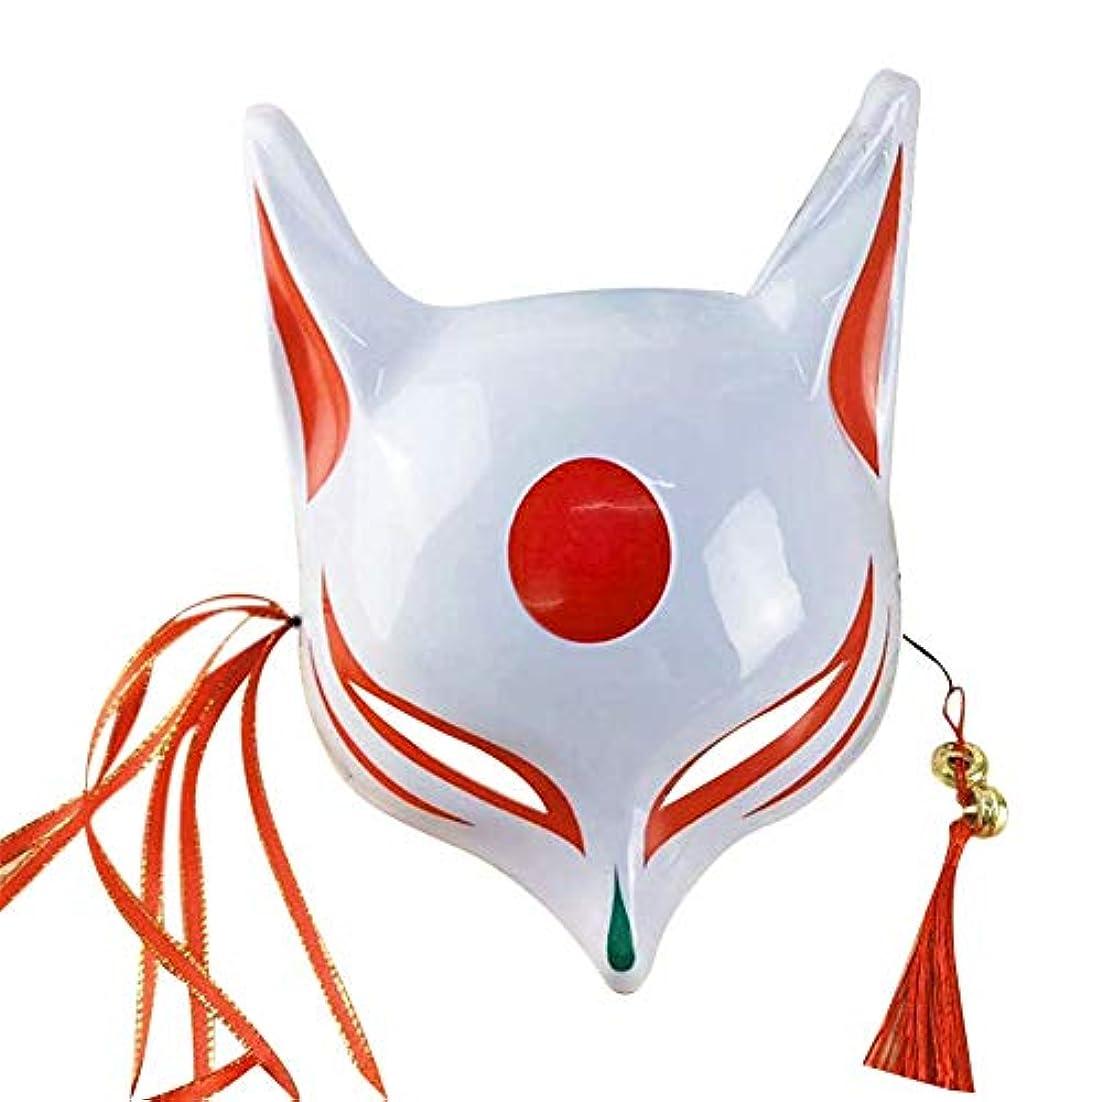 アーカイブ落胆させる寛容なKISSION手描きのマスクフォックスハーフフェイスマスクロールプレイ仮装ドレスアップ マスクバーパーティー キツネの妖精の半分の顔 和風の手描き